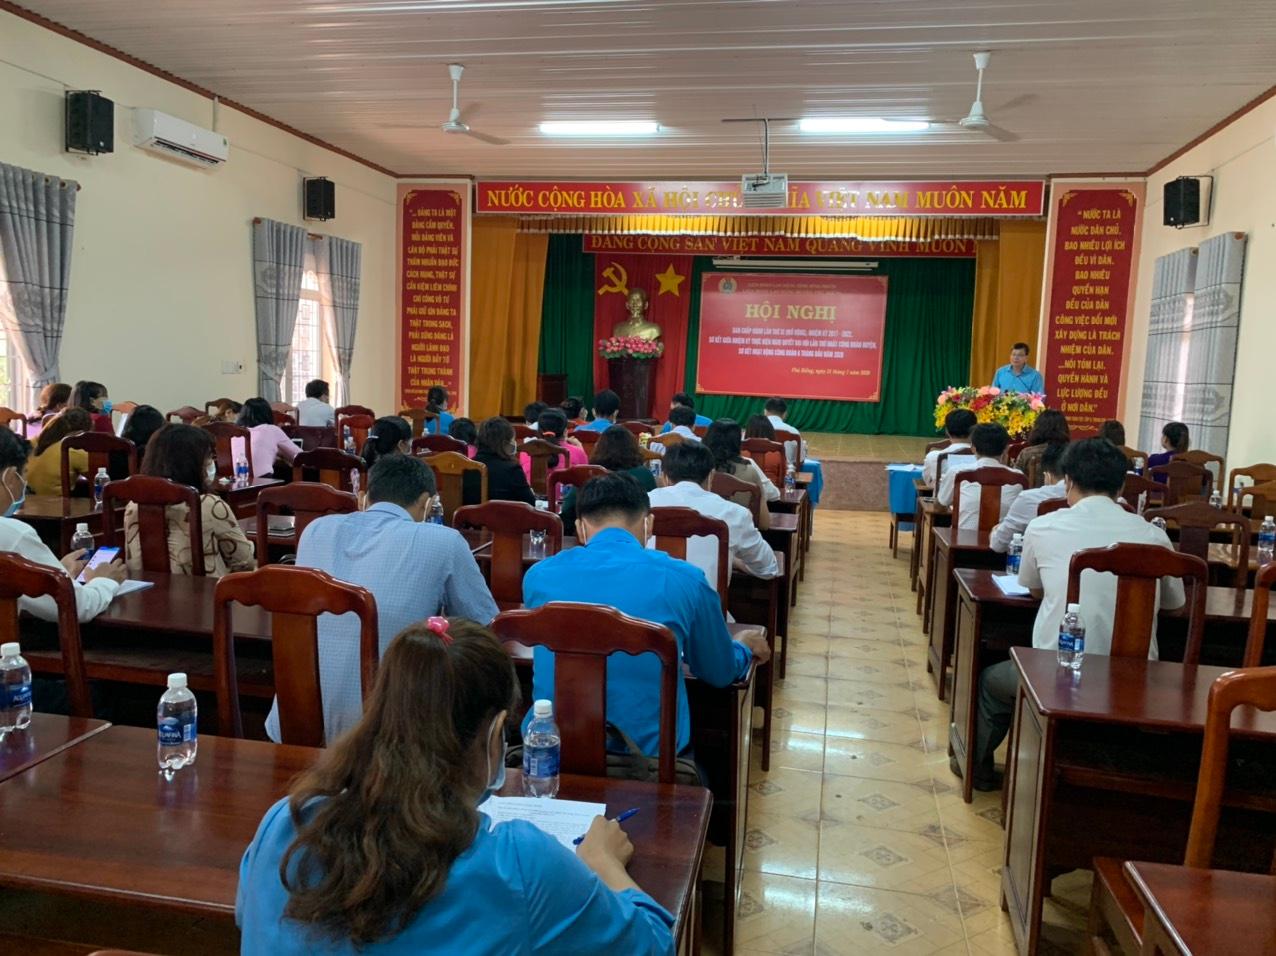 Liên đoàn Lao động huyện Phú Riềng tổ chức Hội nghị Ban Chấp hành (mở rộng) lần thứ 11